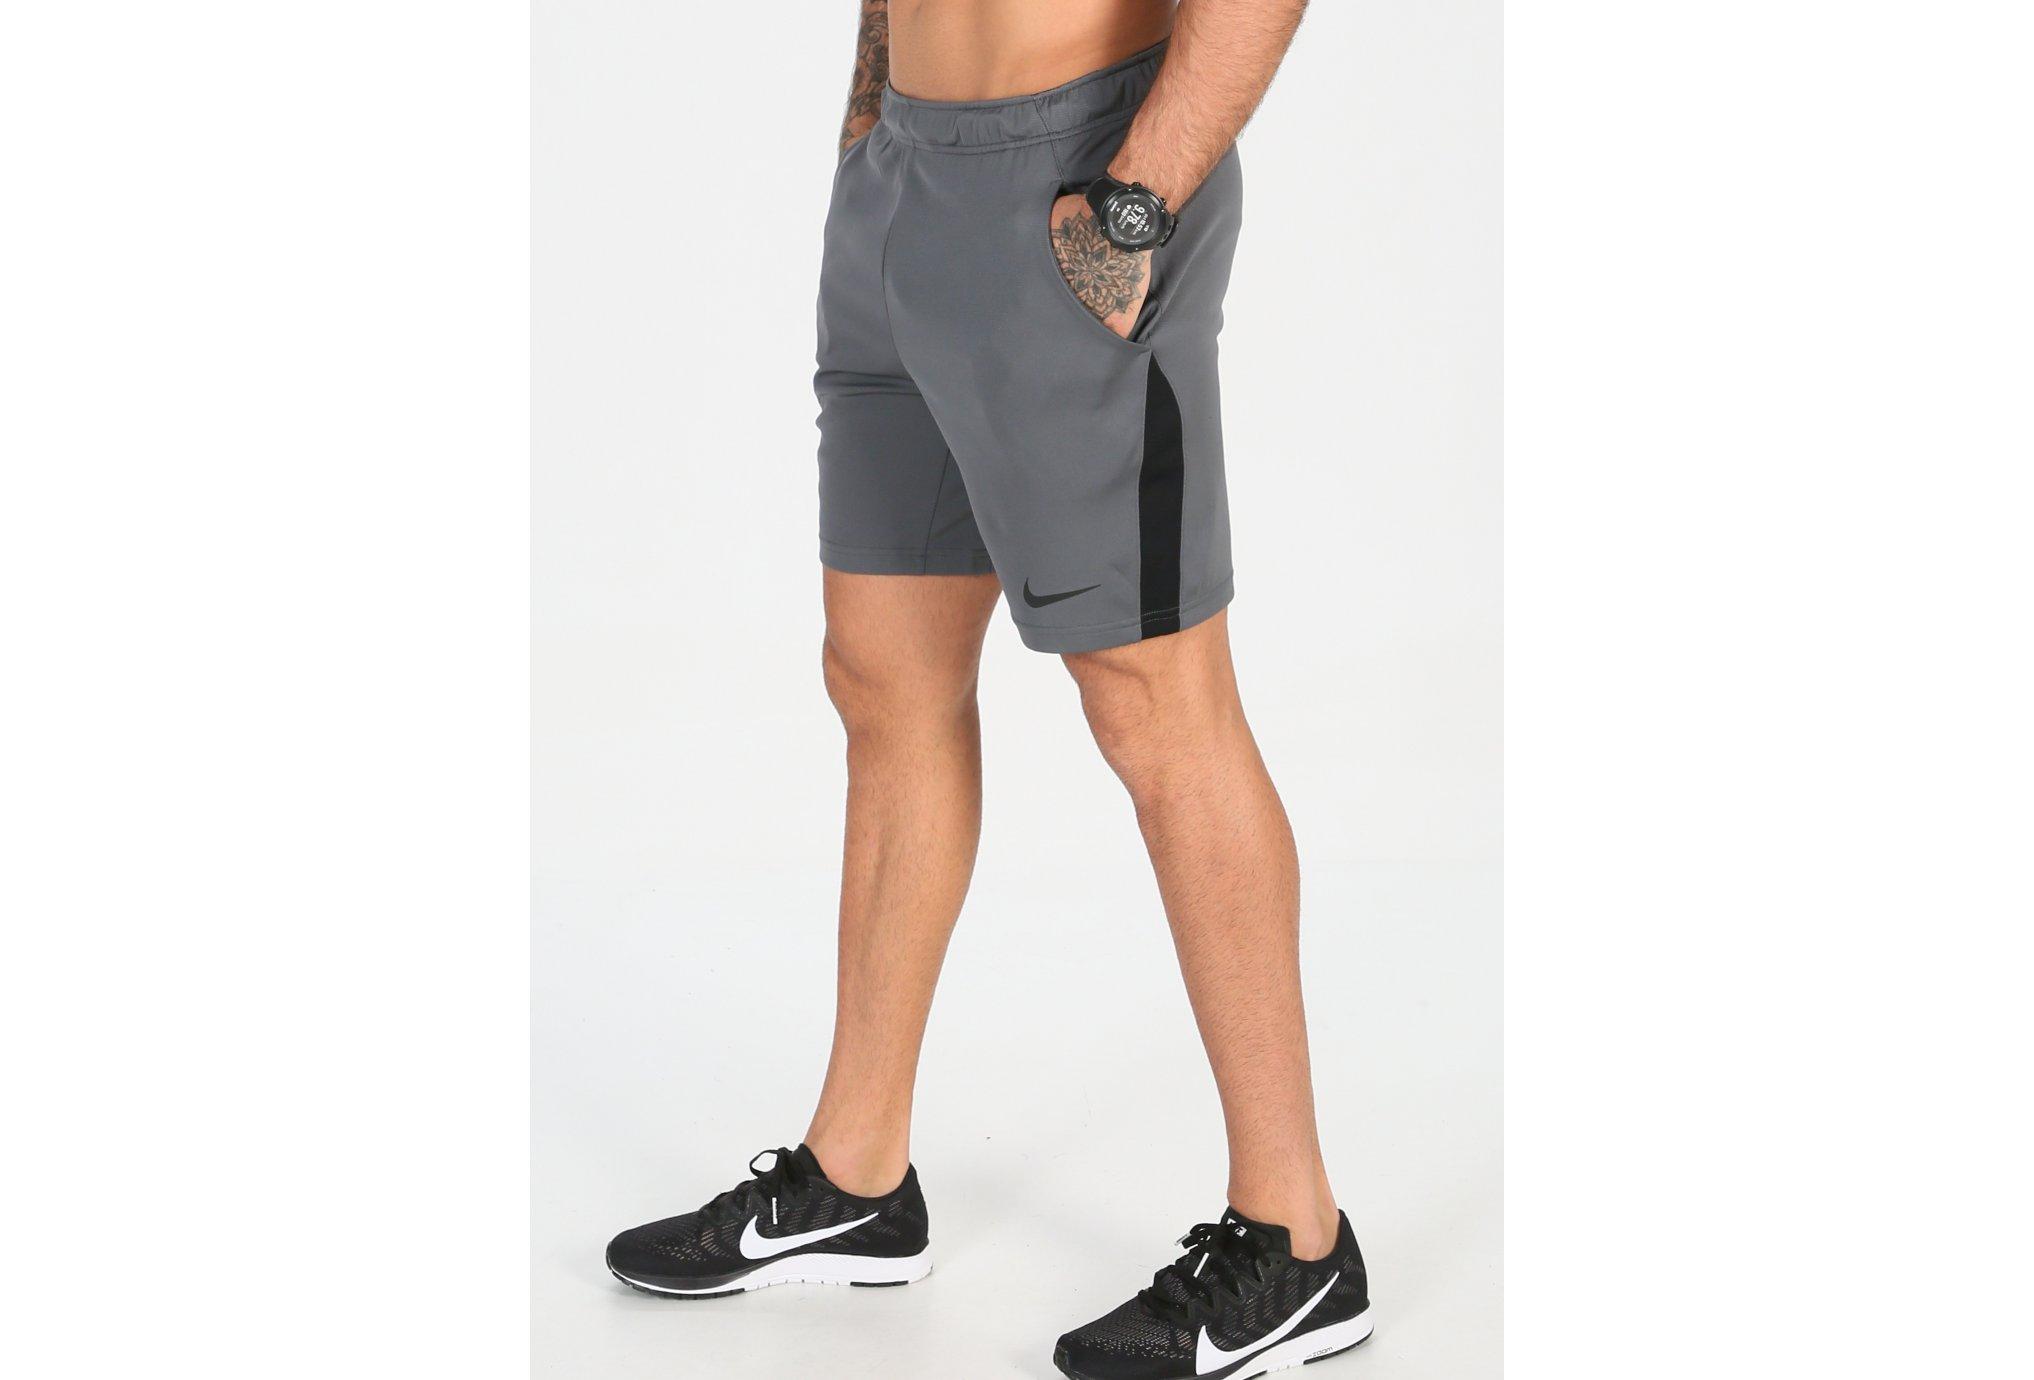 Nike Dry 5.0 M vêtement running homme